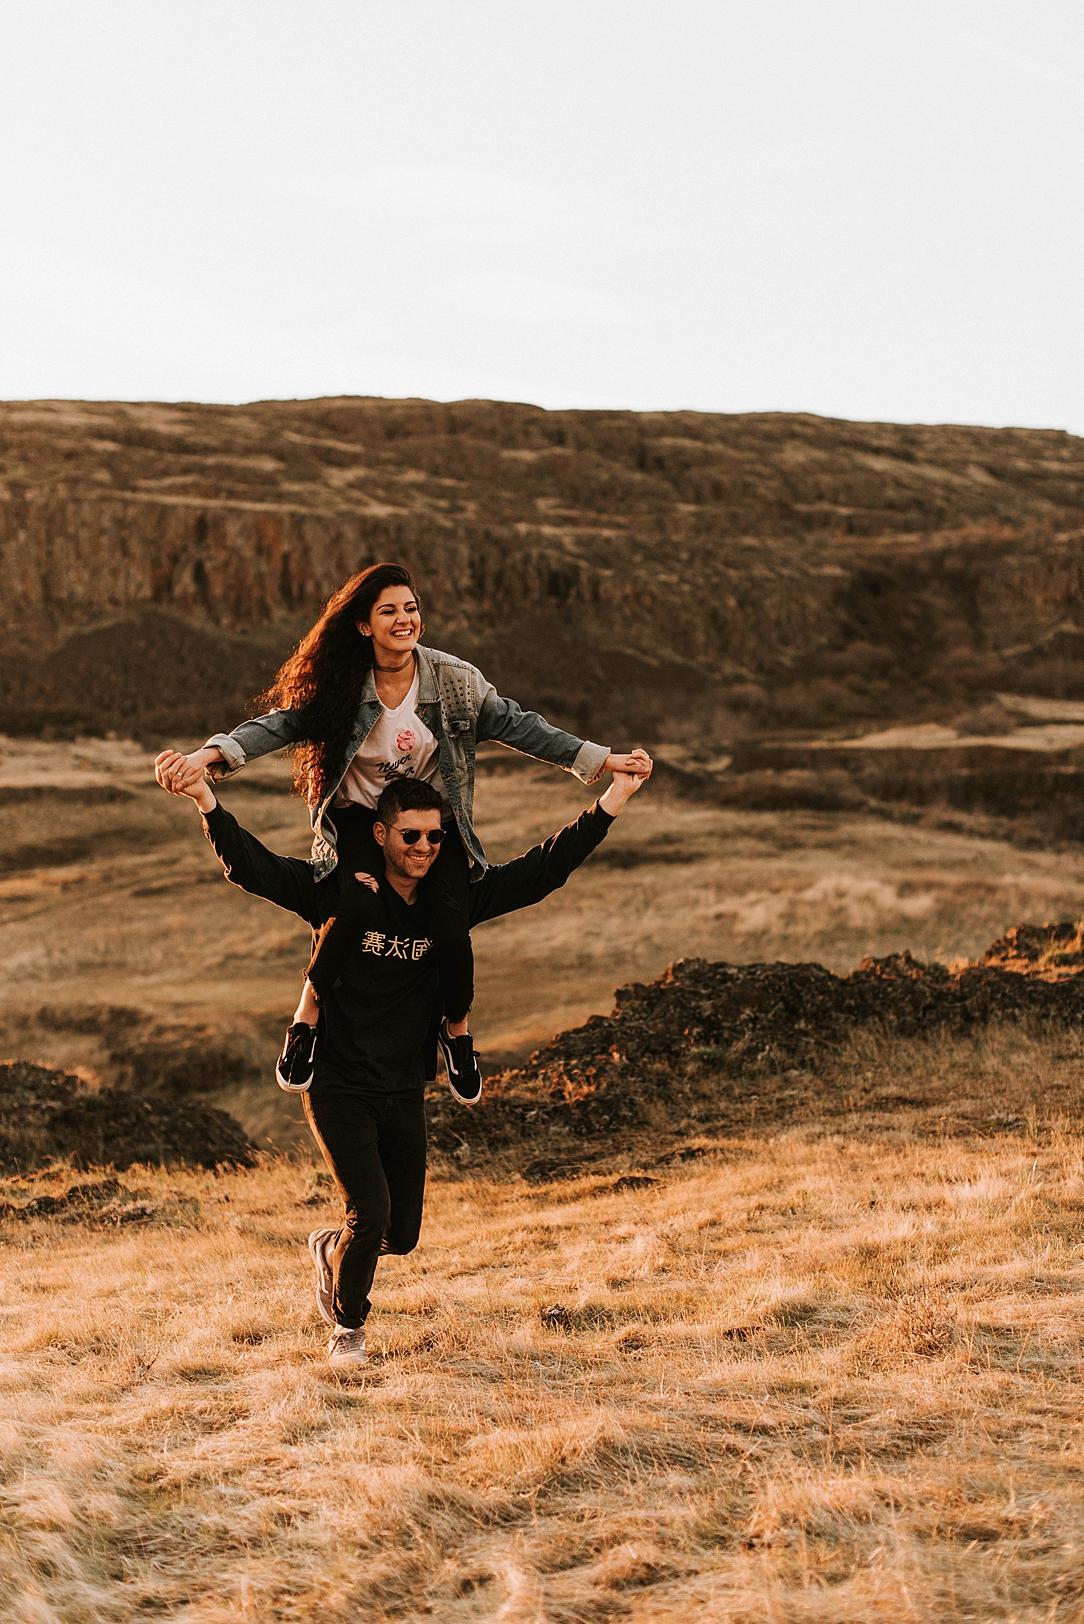 nbp-edgy-skater-couple_0038.jpg